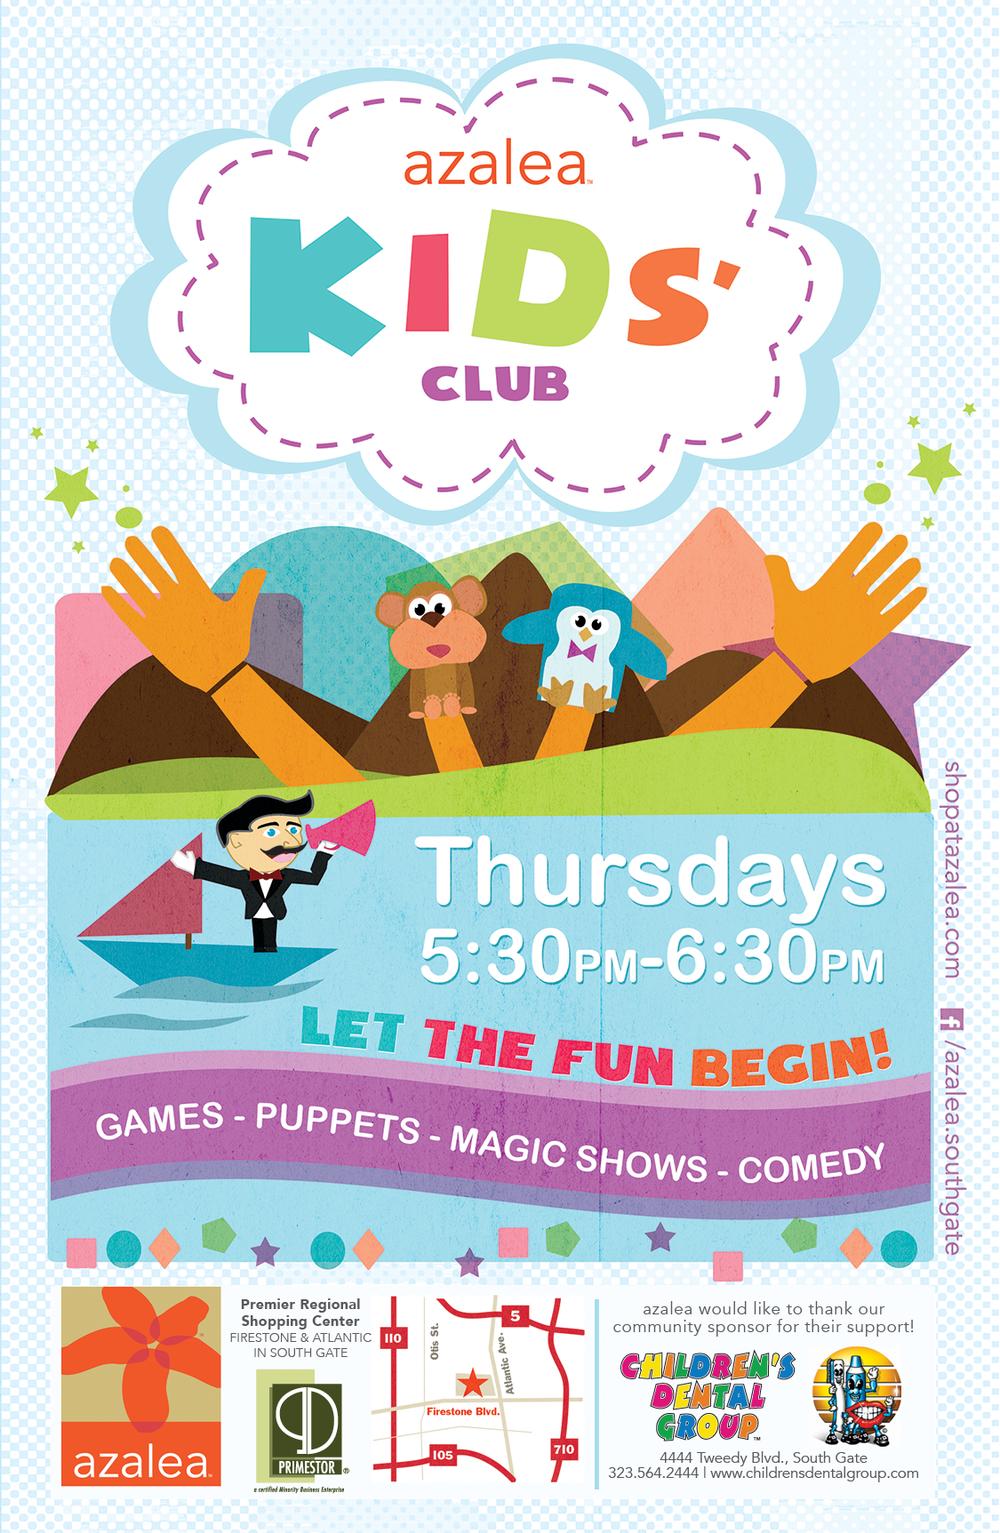 azalea.kidsclub.flyer.Eng2.png